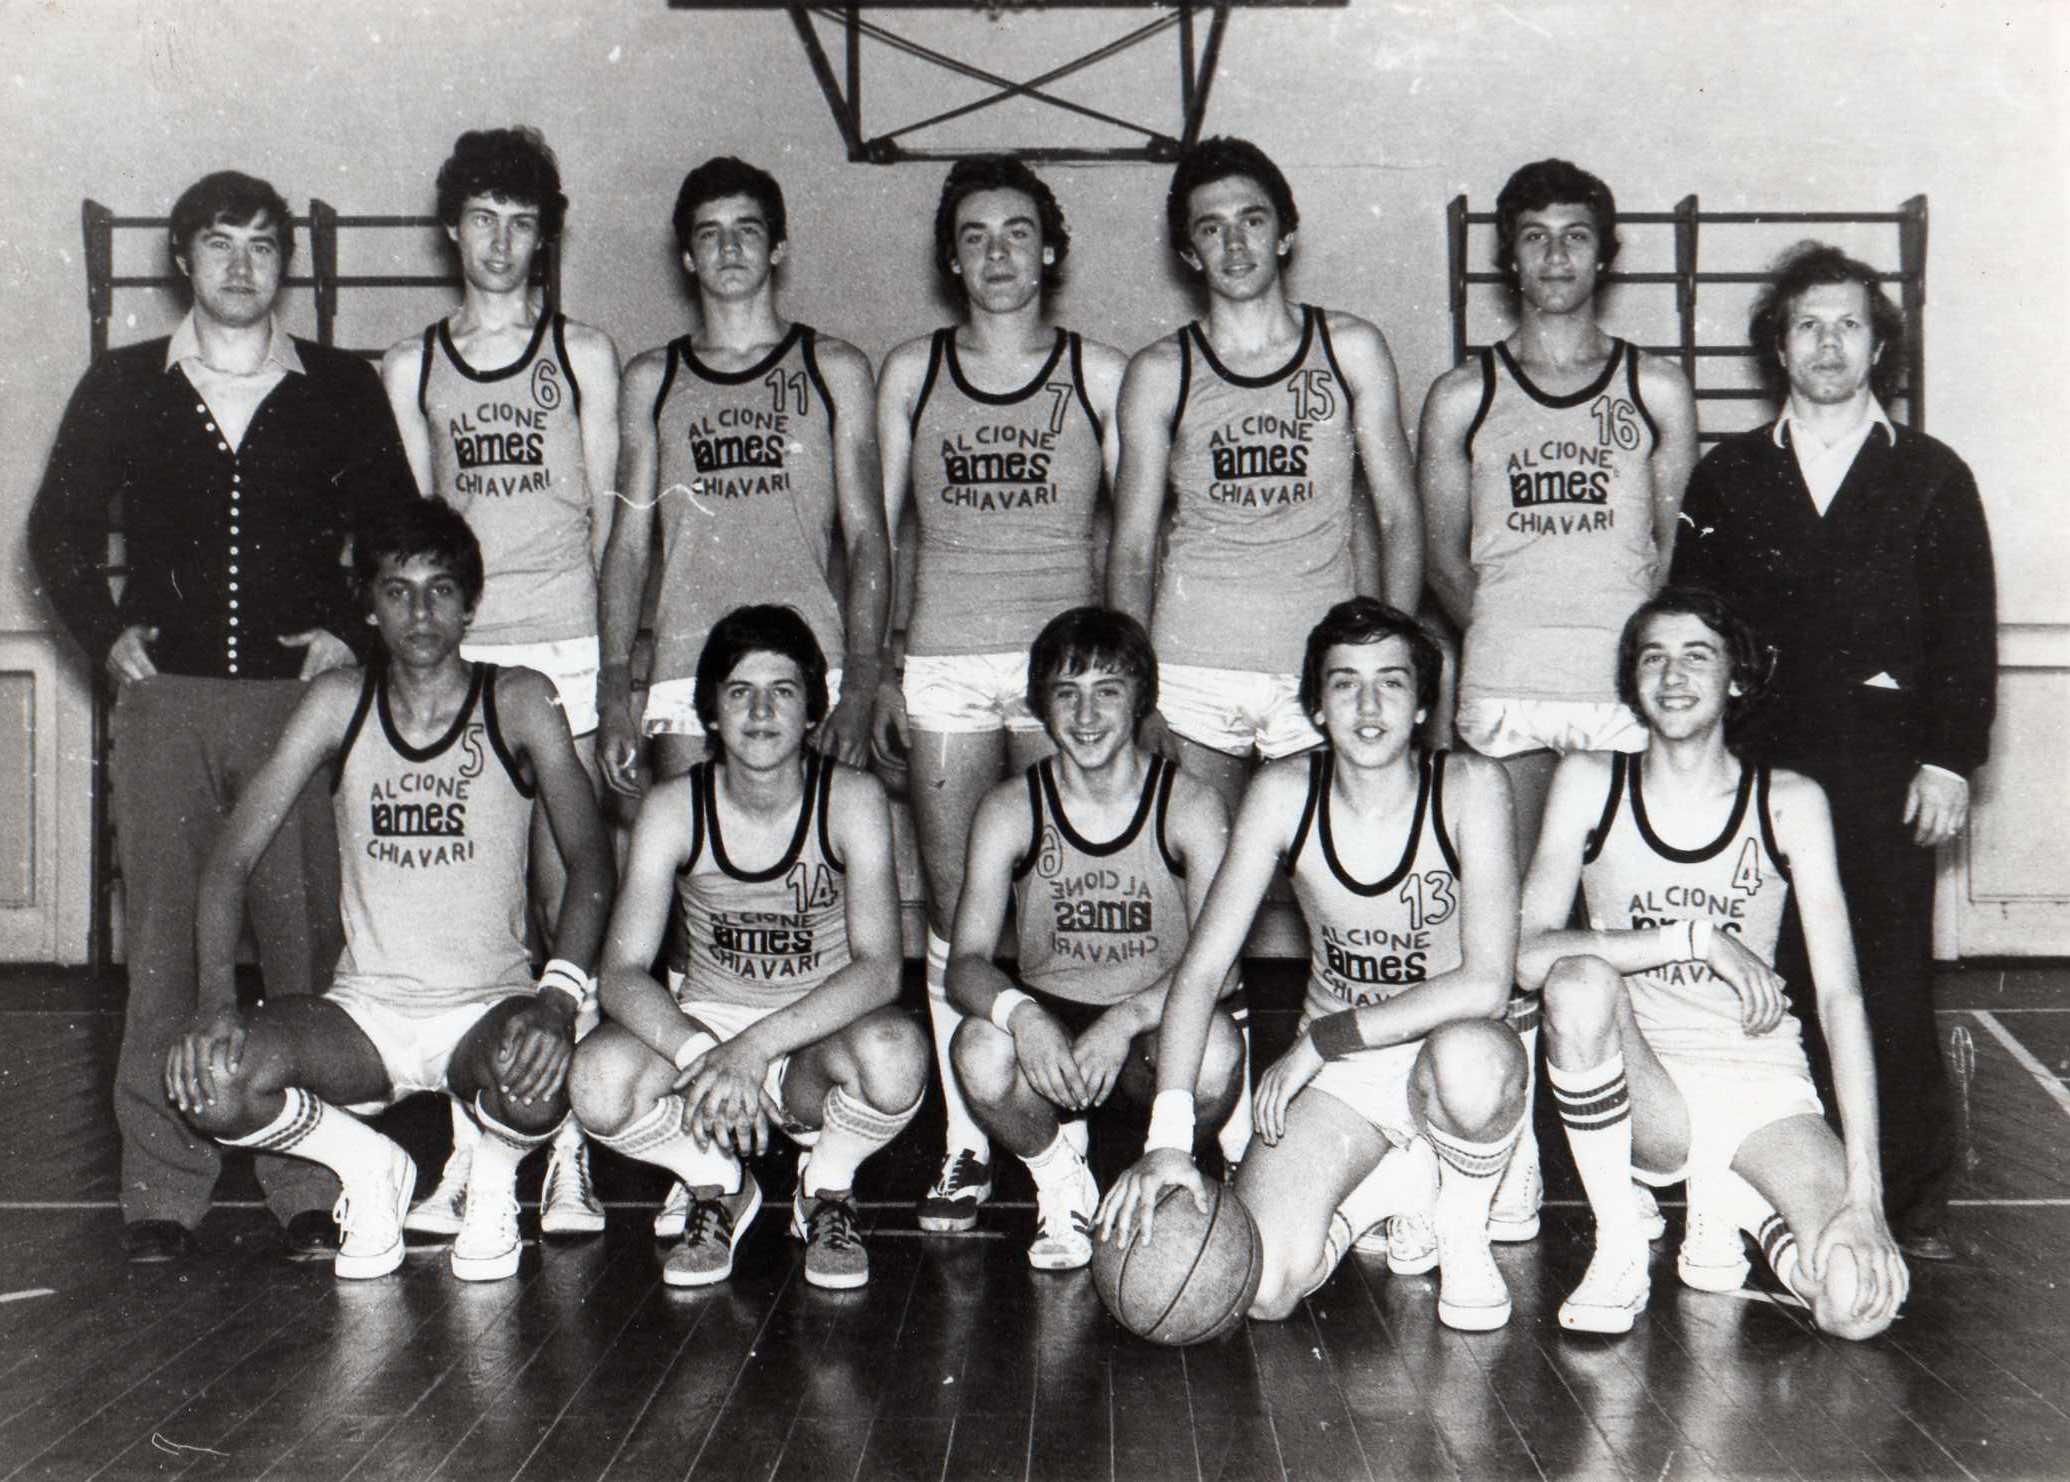 camp-to-juniores-1973-1974